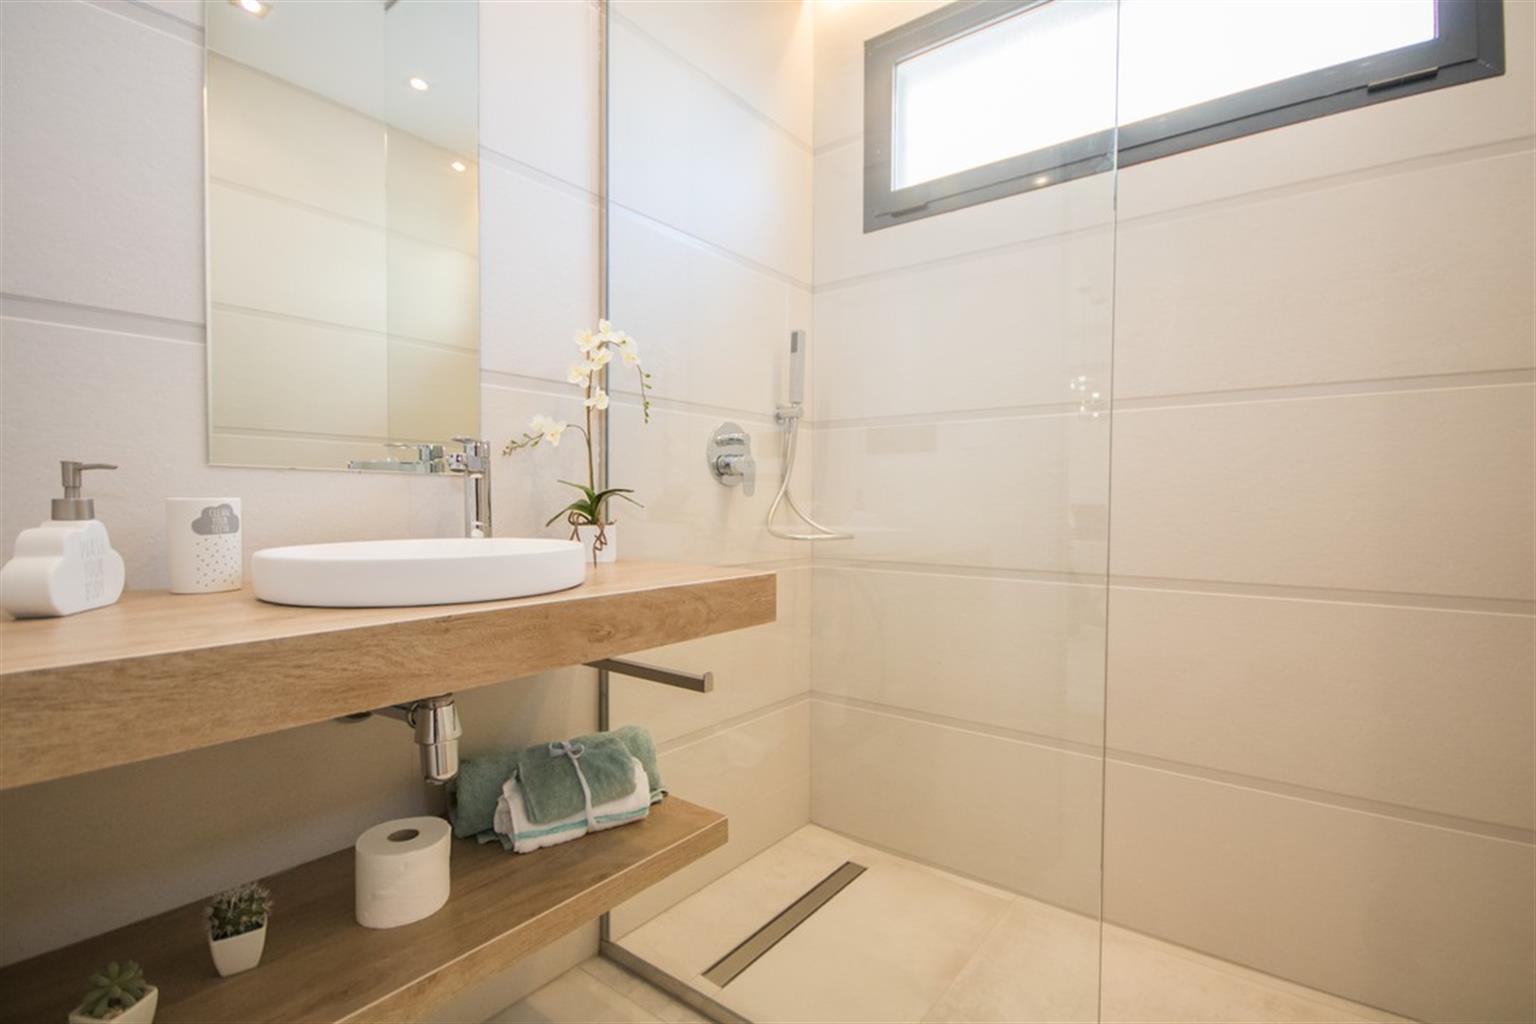 Appartement - El Raso  - #4230271-39